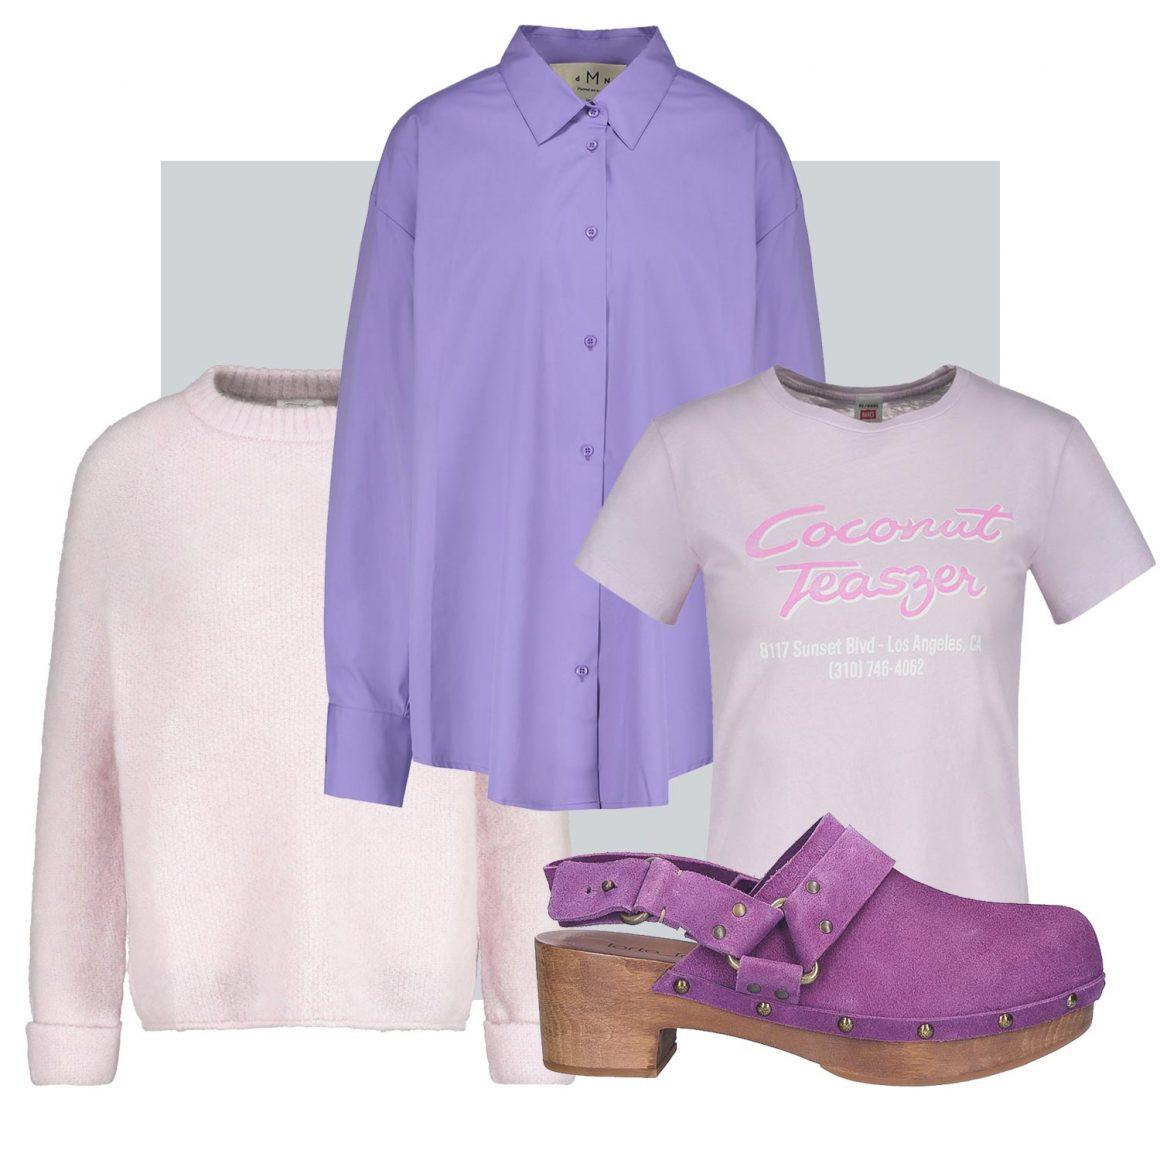 Sélection d'articles violets et pastel à retrouver chez Jane de Boy